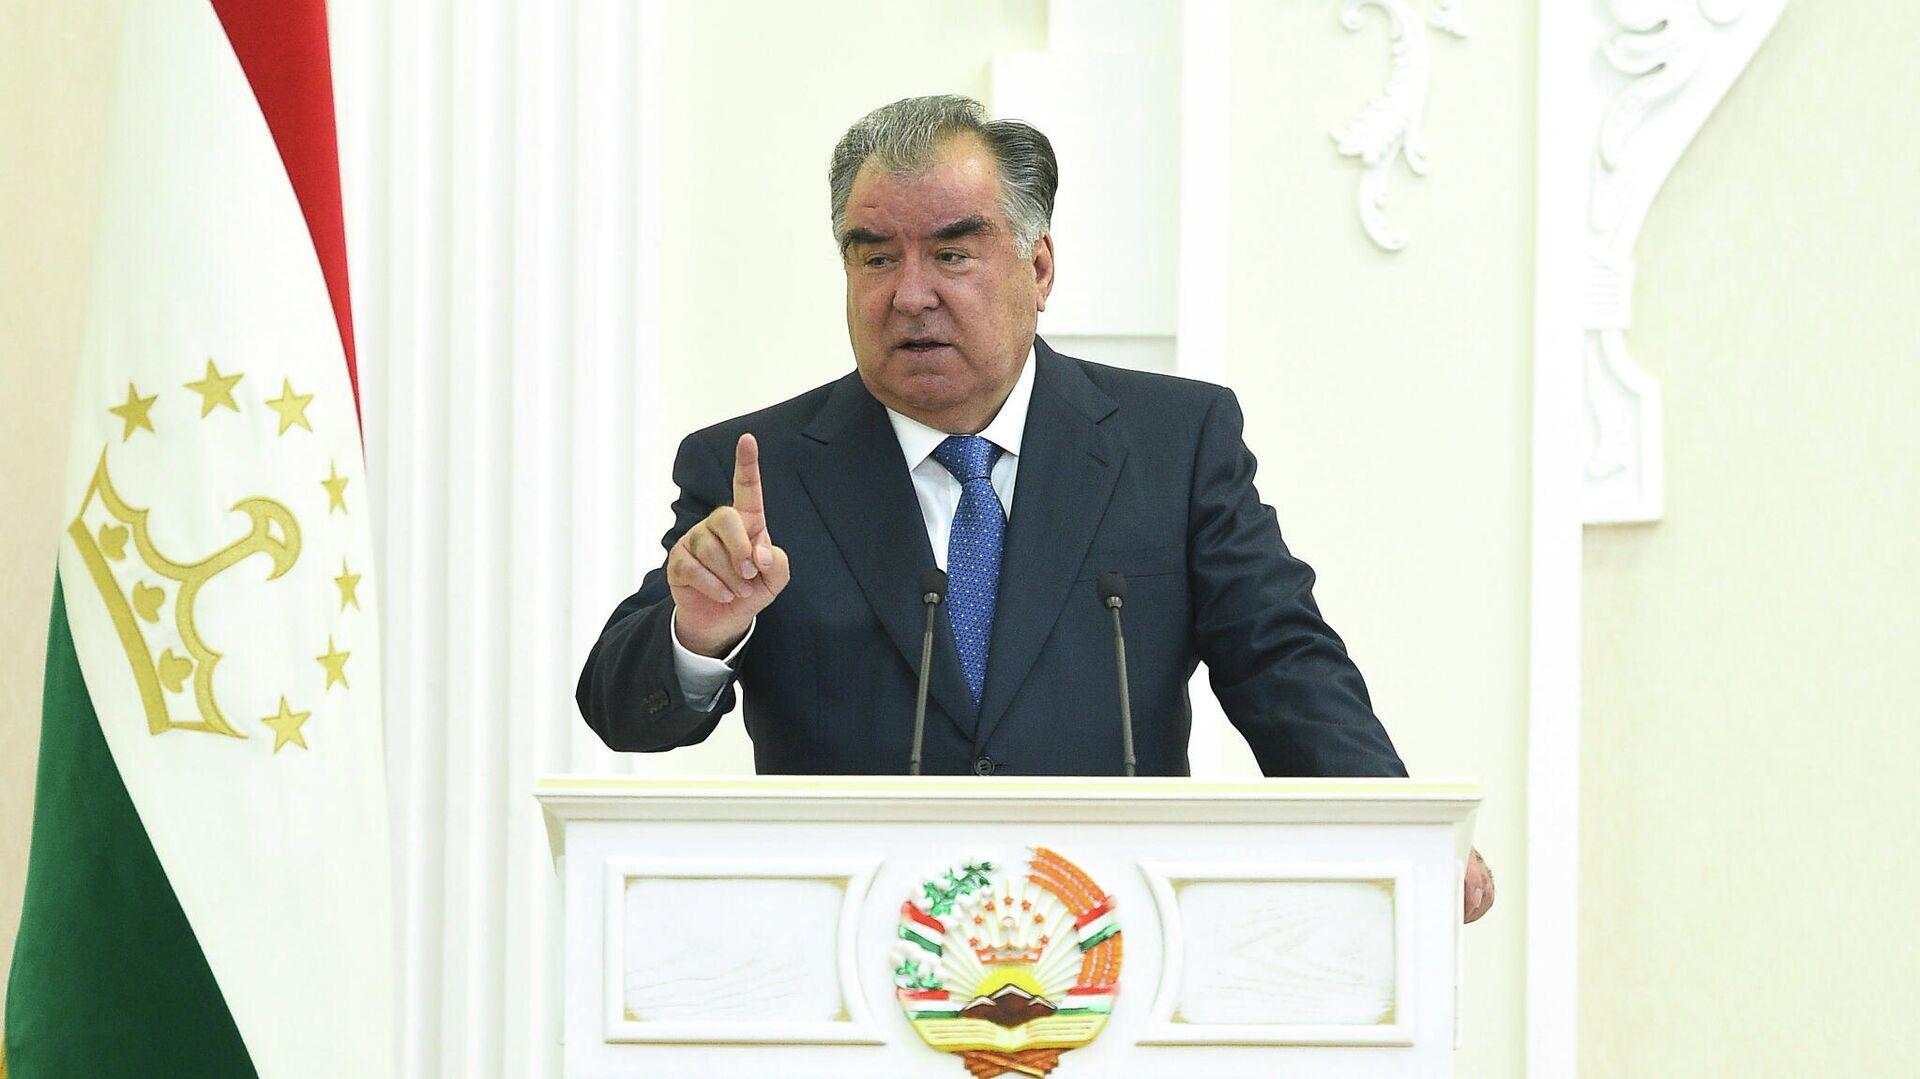 Президент Таджикистана Эмомали Рахмон - Sputnik Таджикистан, 1920, 16.09.2021